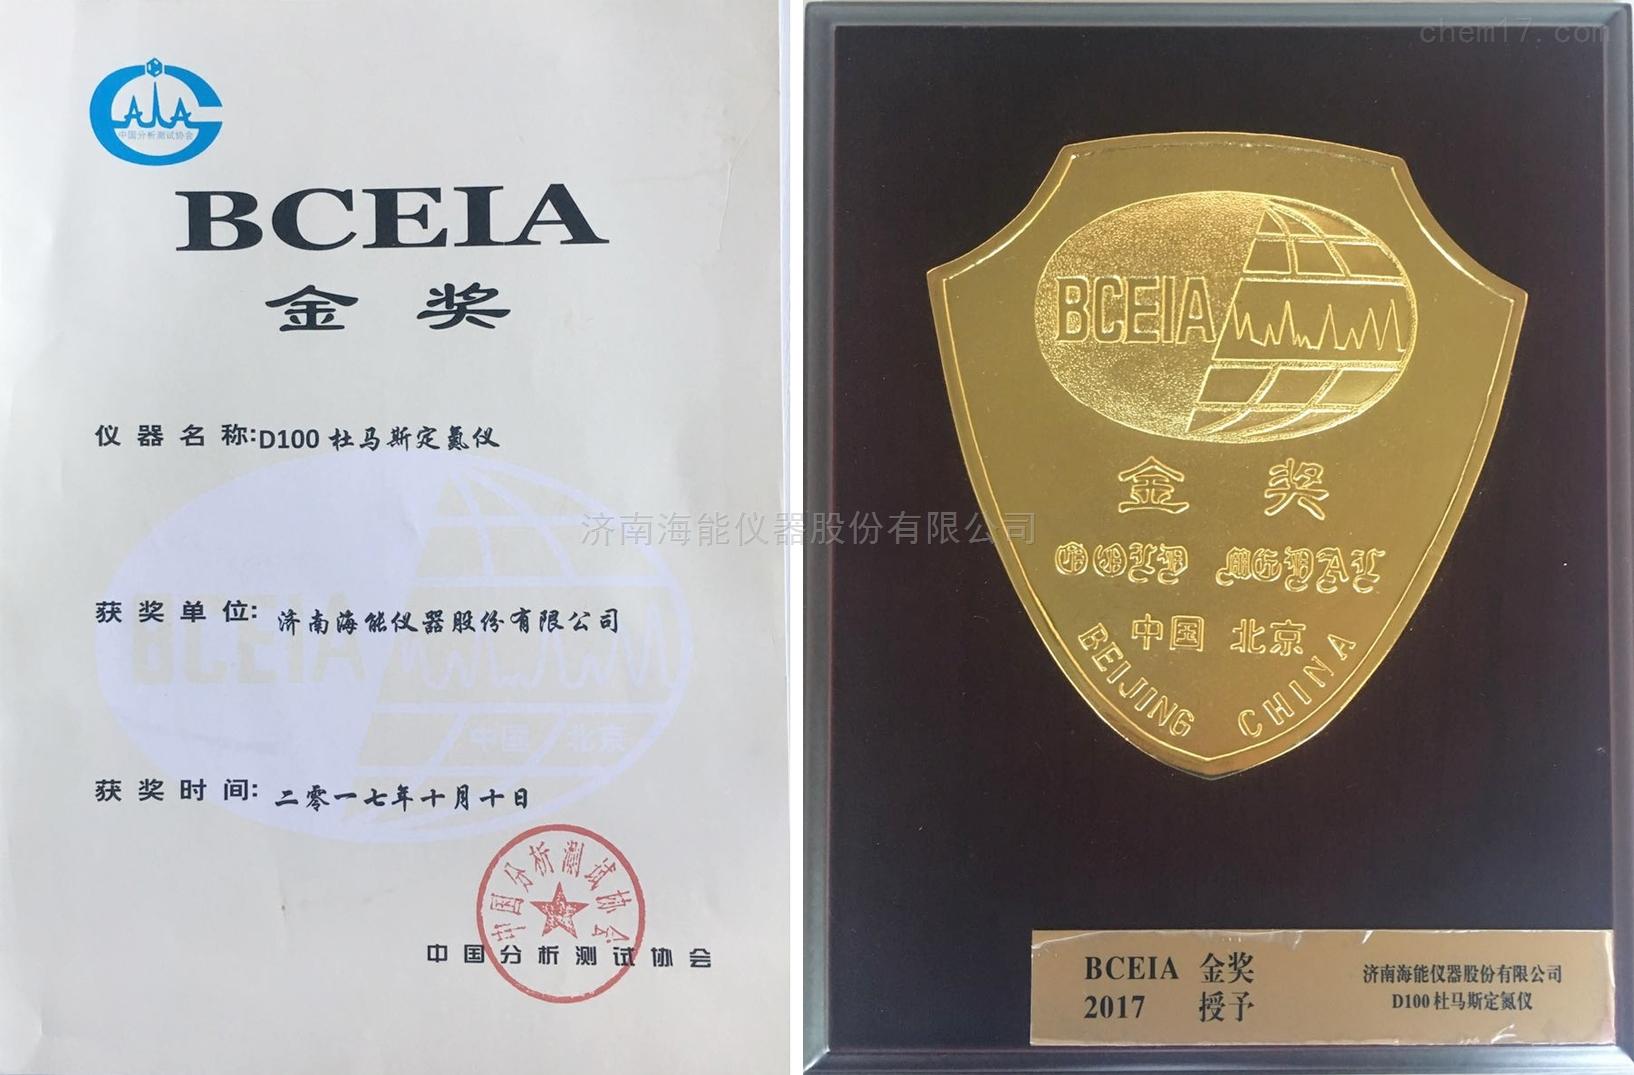 杜马斯定氮仪—BCEIA金奖